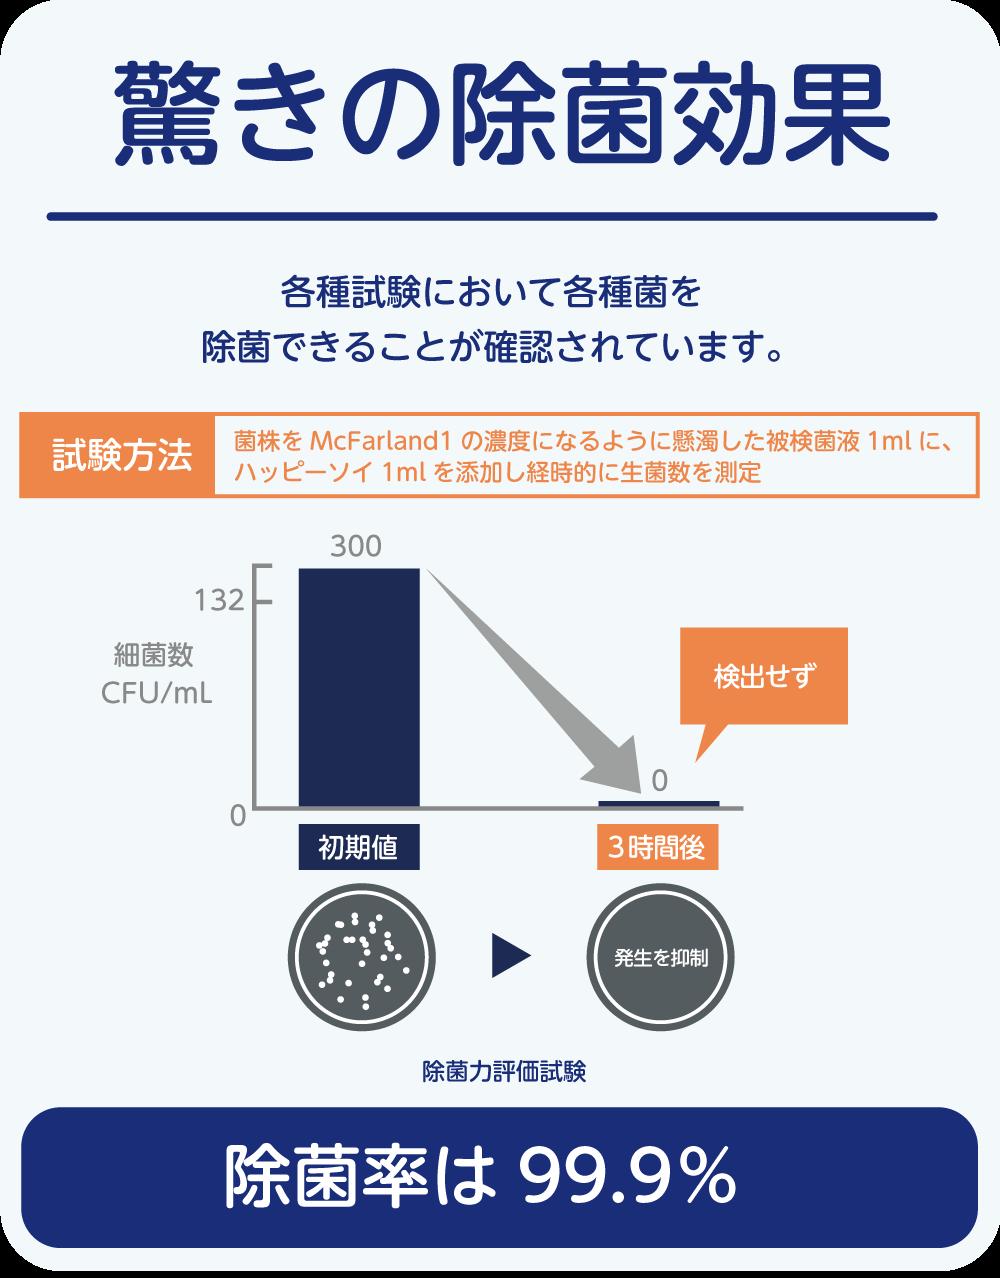 ハッピーソイは各種試験にて各種金を除菌できることが確認されています